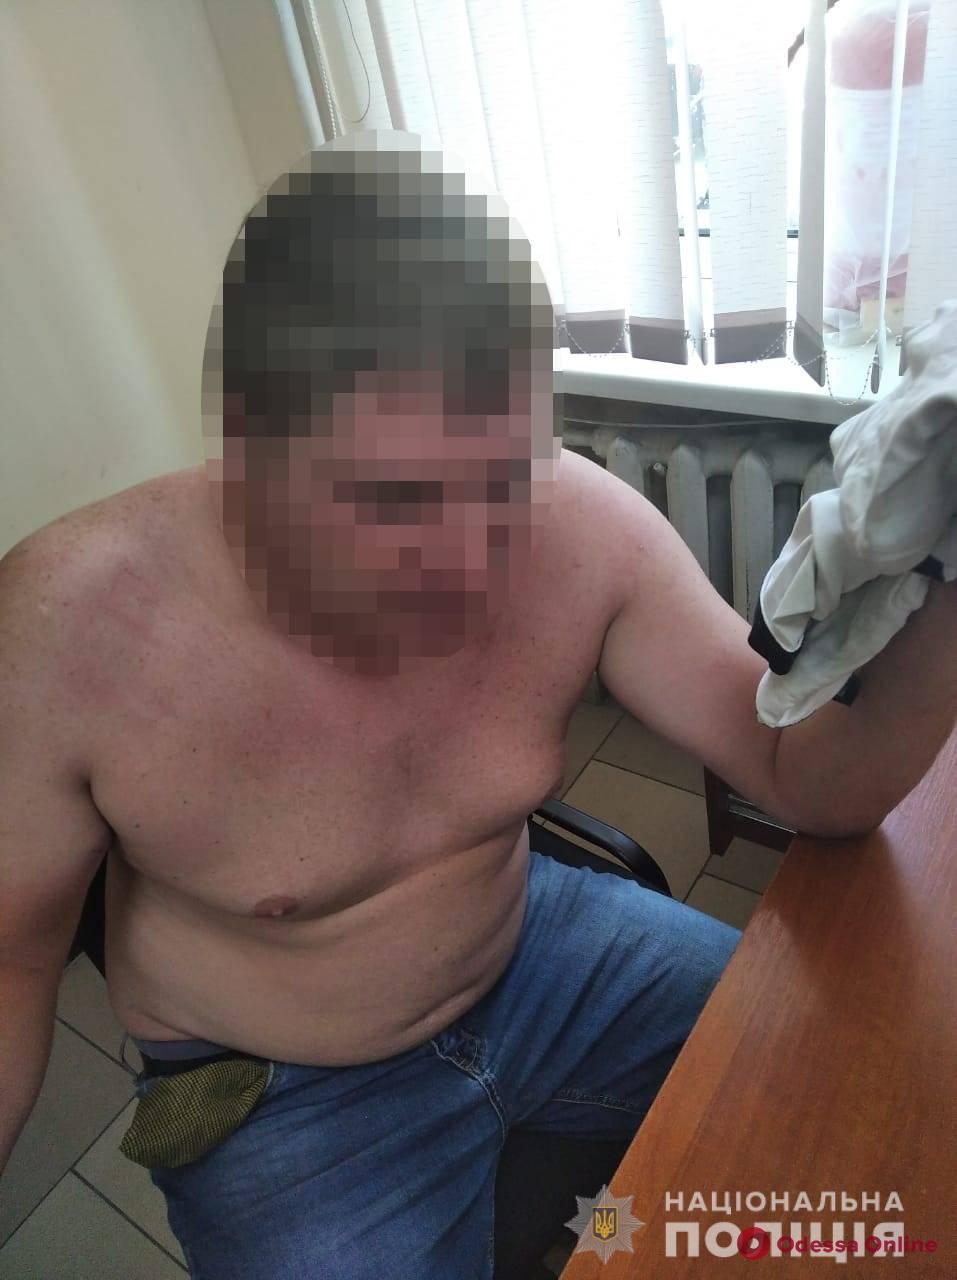 Под Одессой пьяный водитель устроил ДТП и покусал полицейских